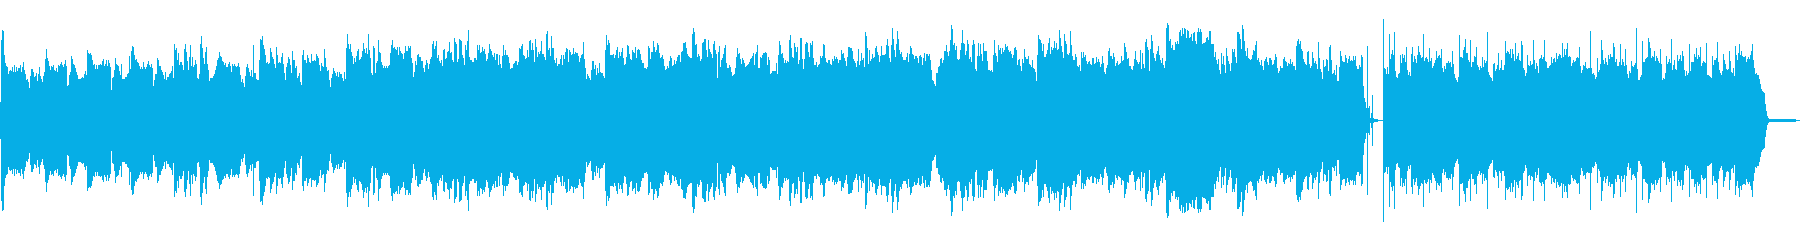 古いホラー映画のオープニングのような曲の再生済みの波形